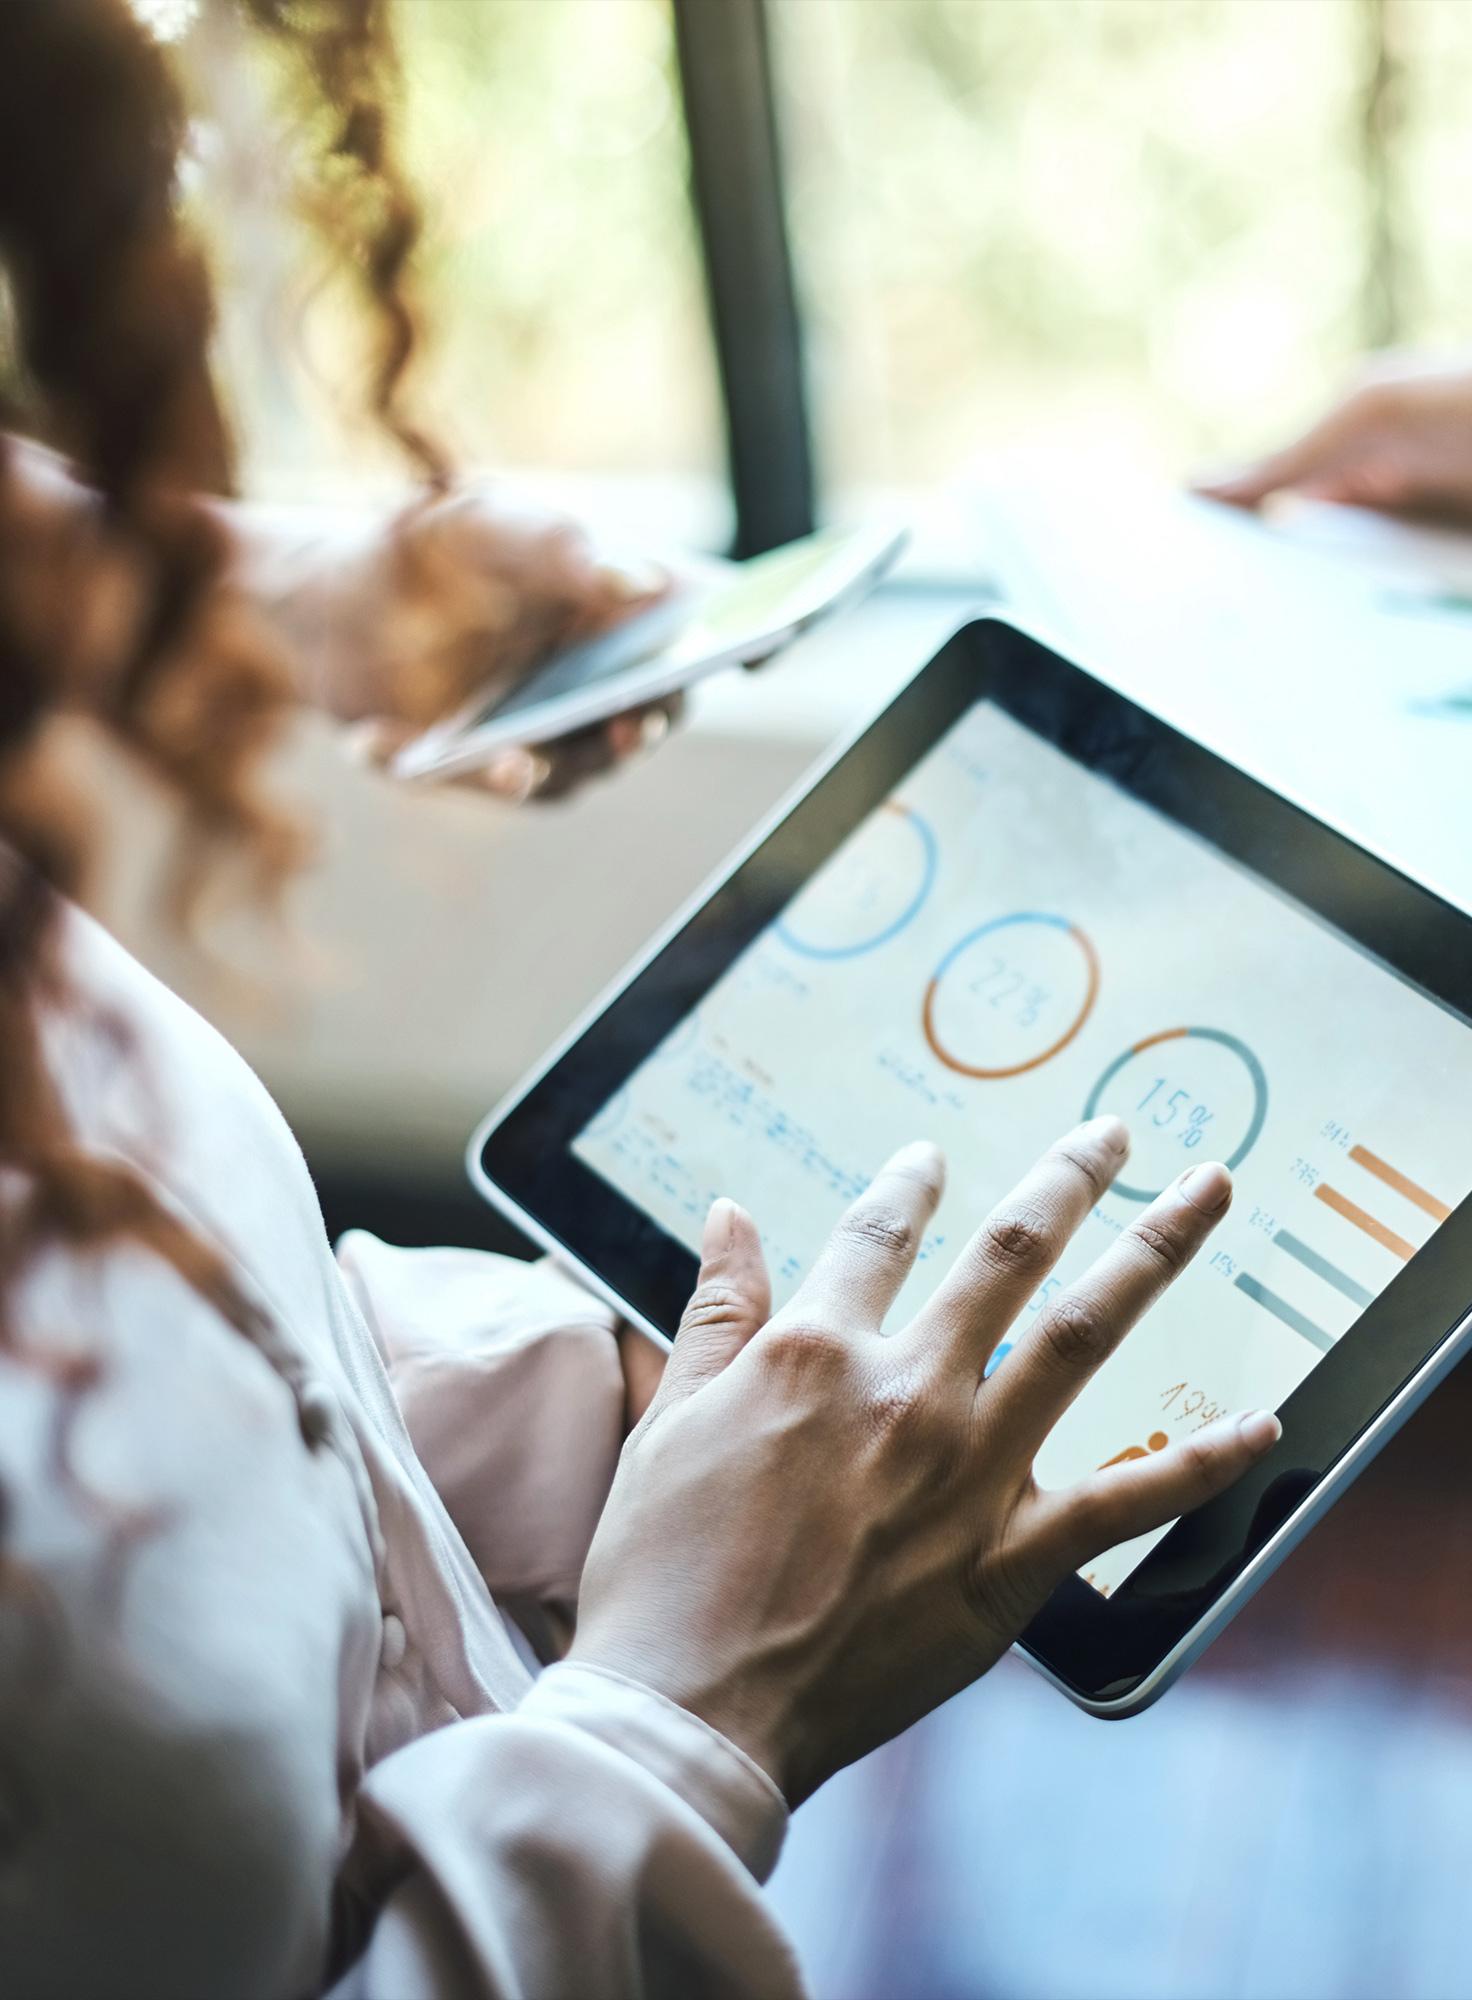 Eine Frau nutzt das Data Management System über ein iPad